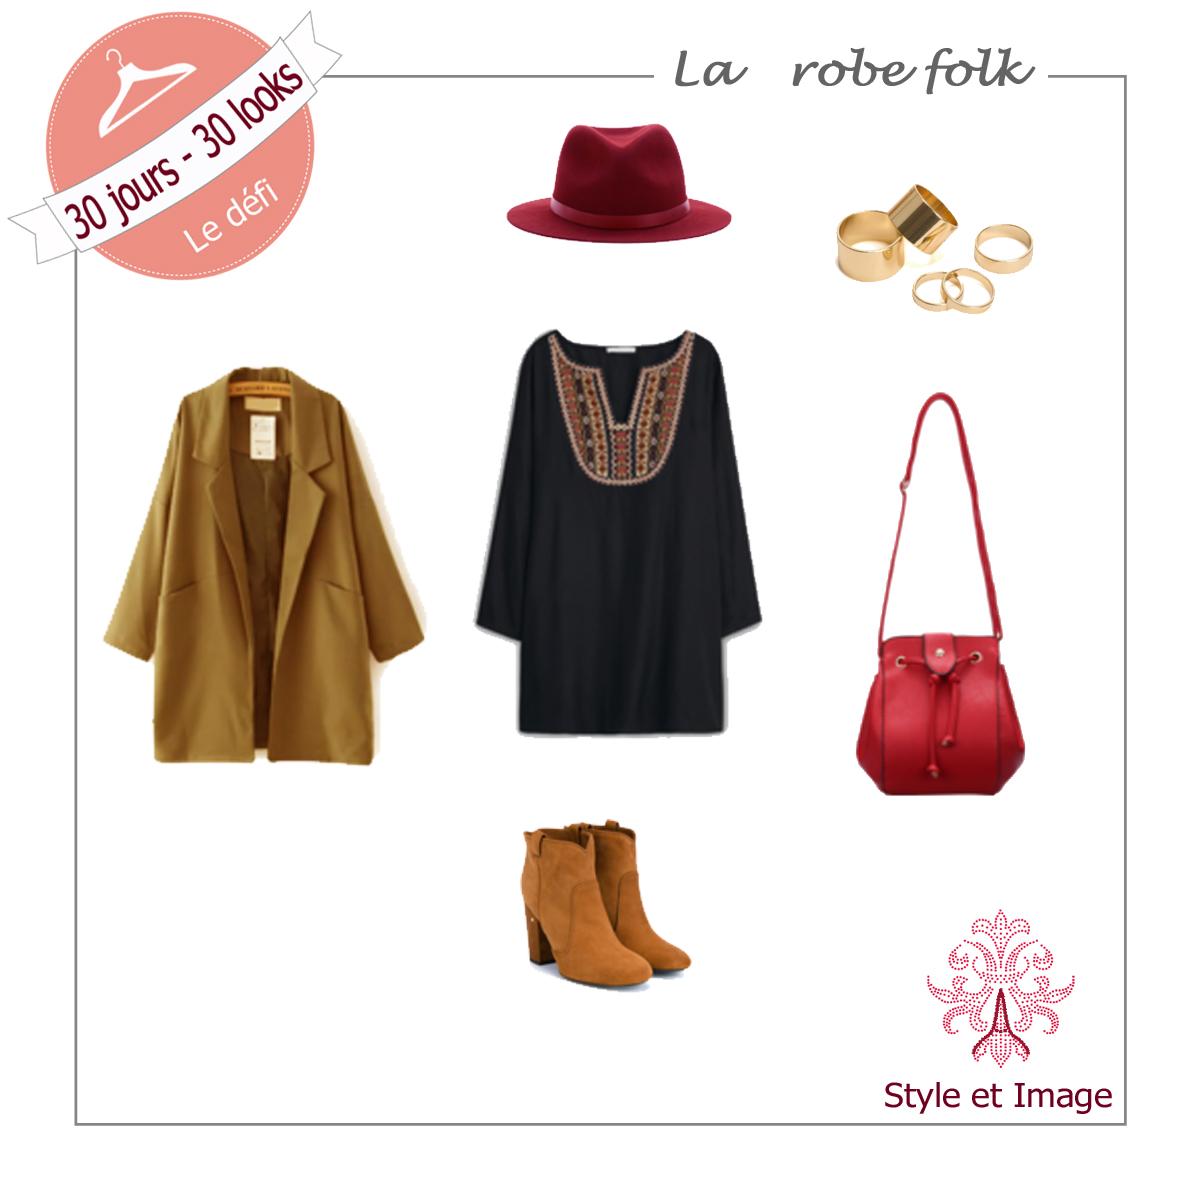 Robe-folk